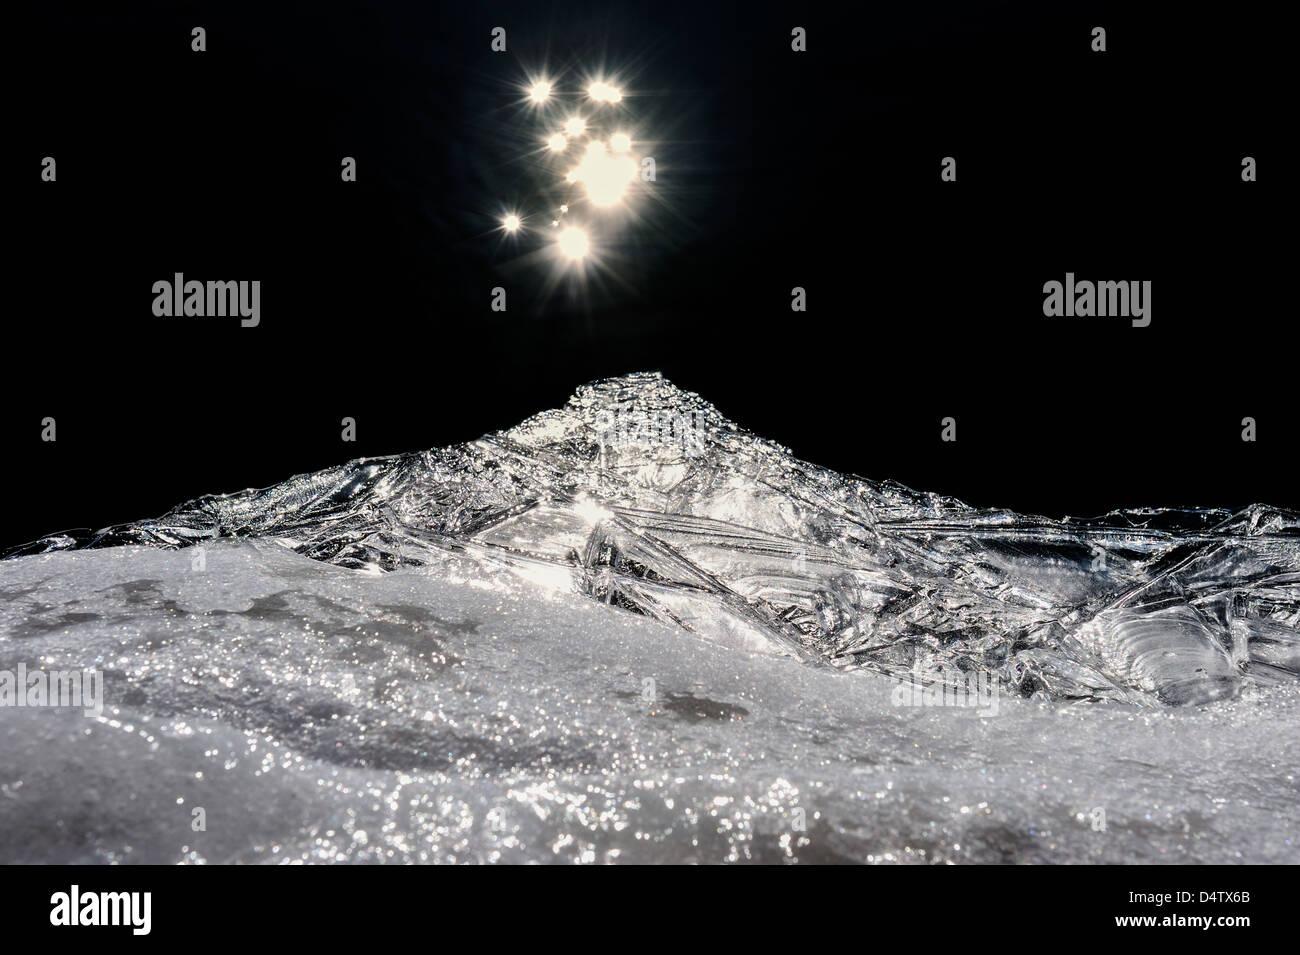 Helle Sterne spiegelt sich im Fluss, Göta Älv, Schweden, Europa Stockbild